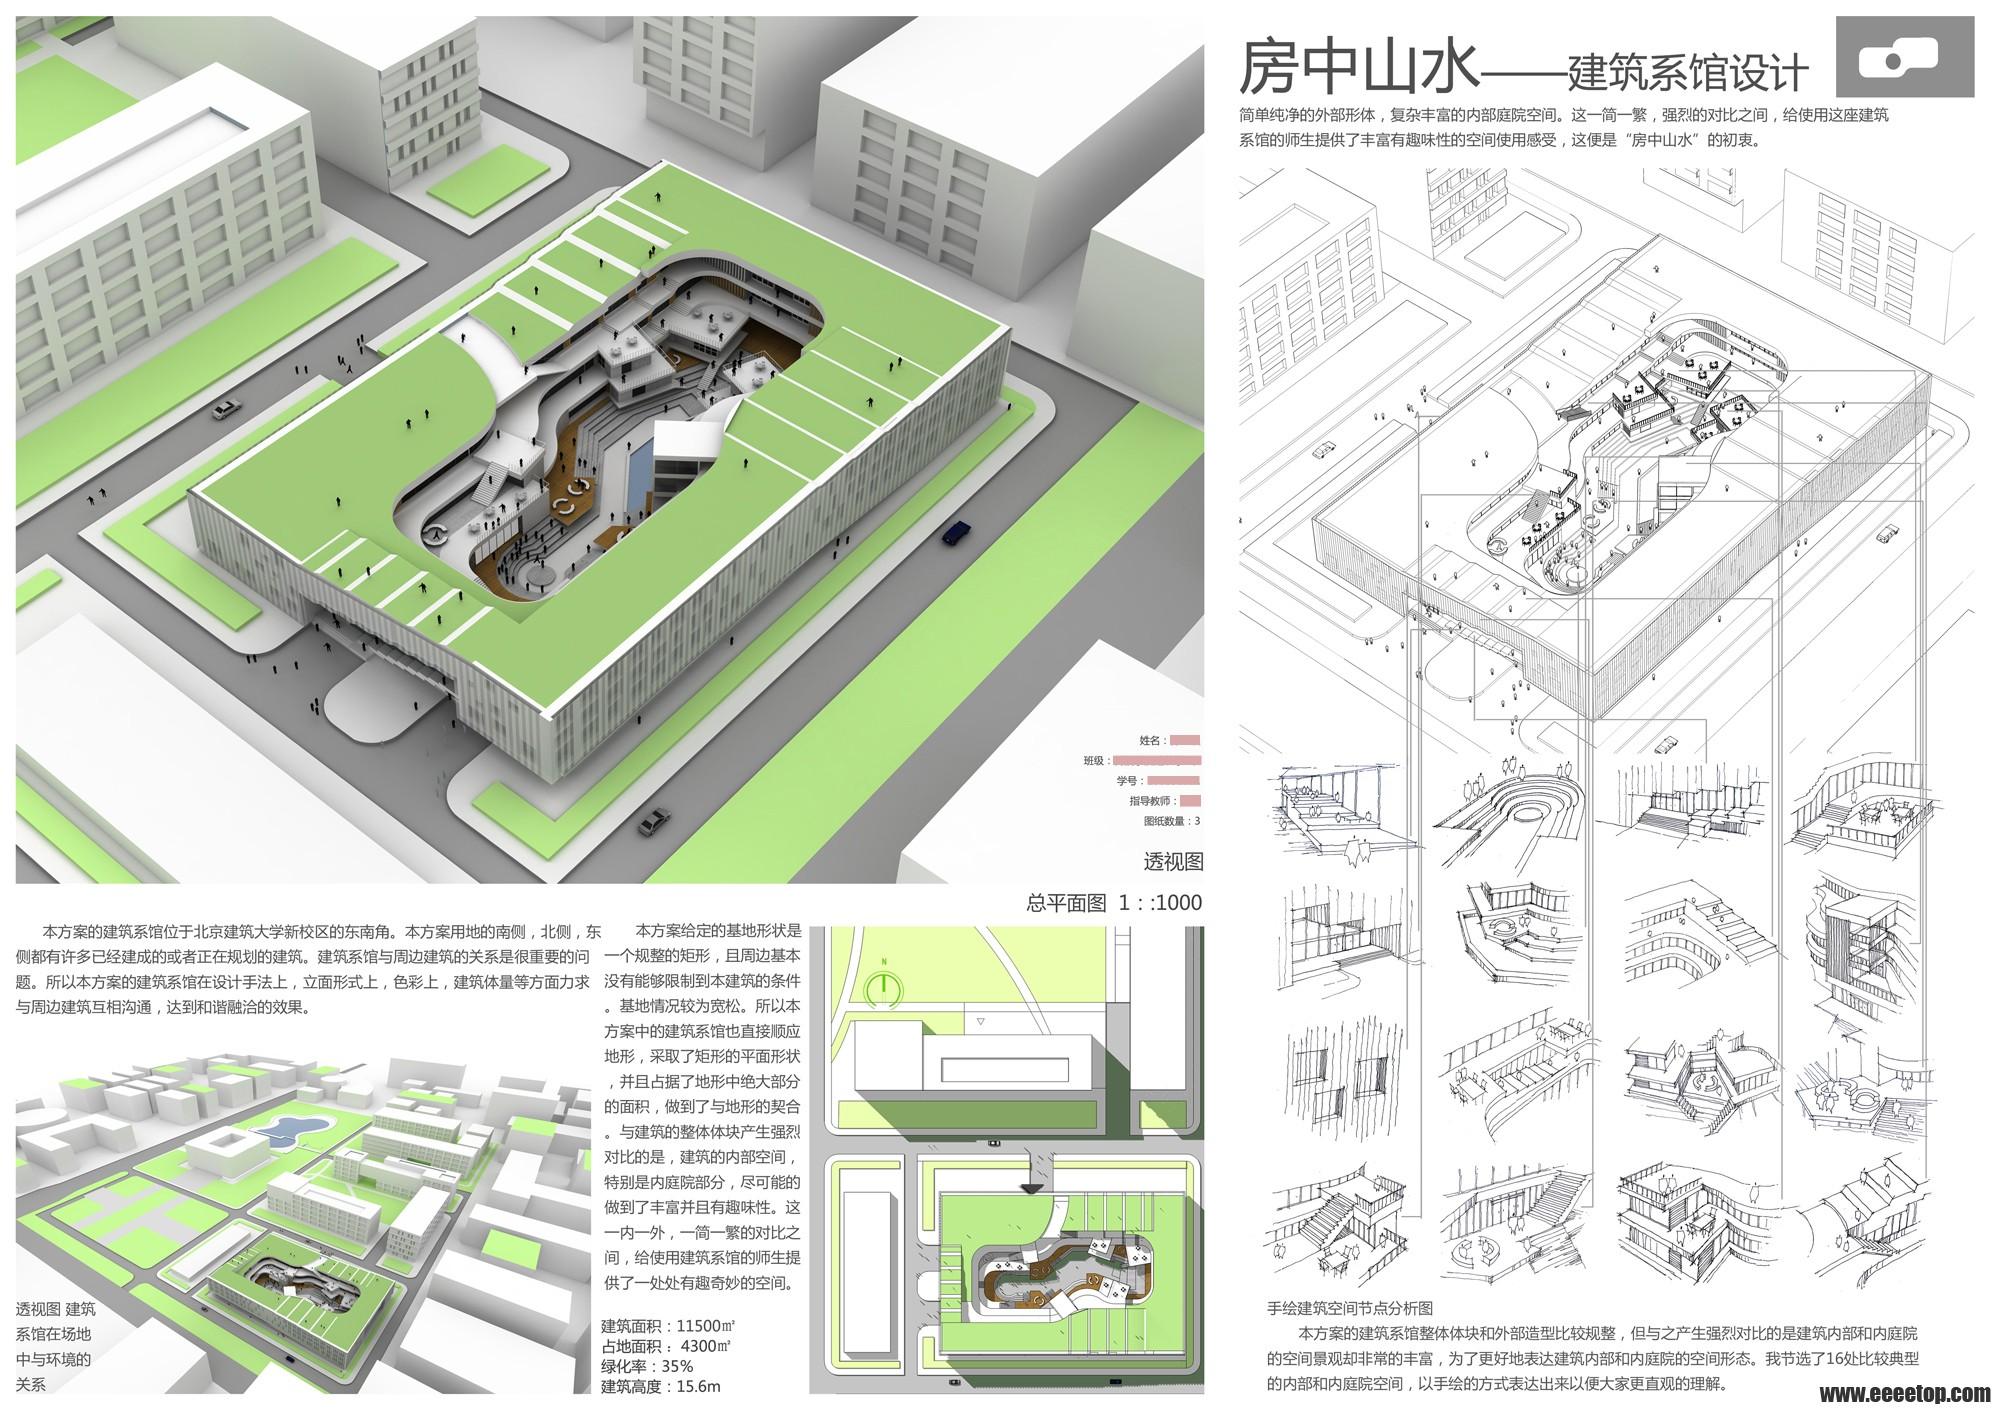 建筑系馆设计(revit2014任务书)